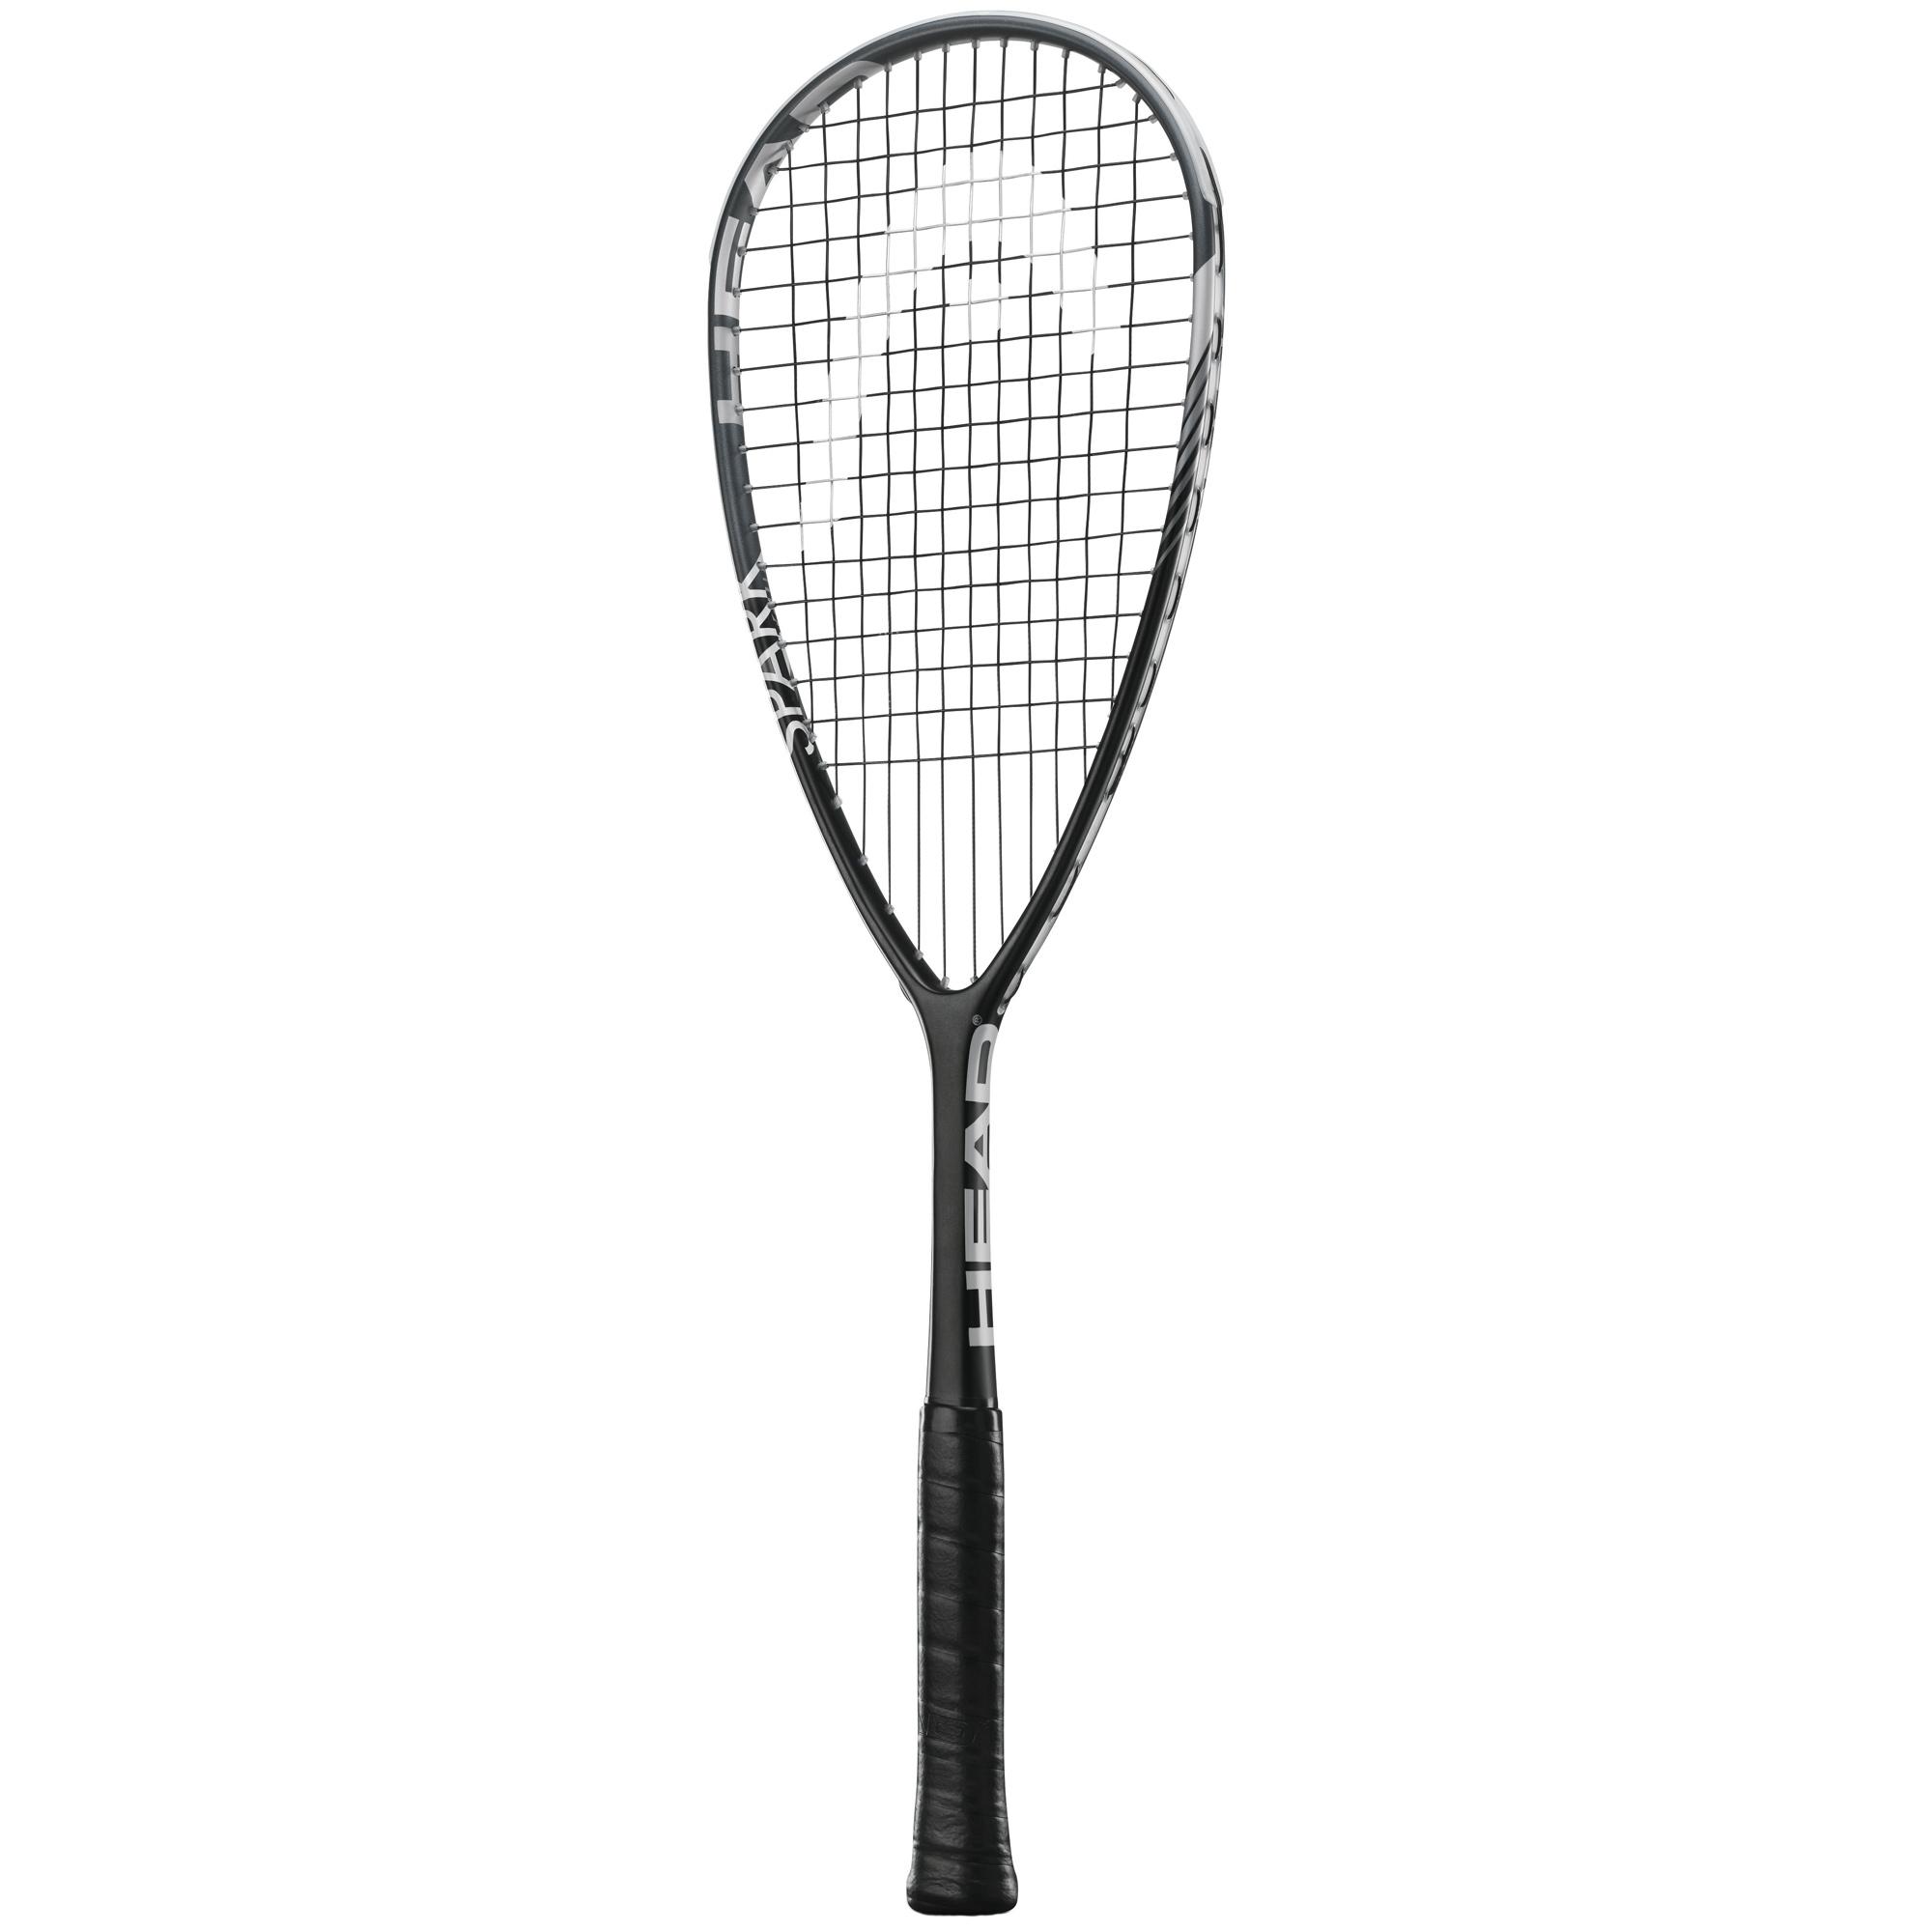 Head Spark Tour Squash Racket